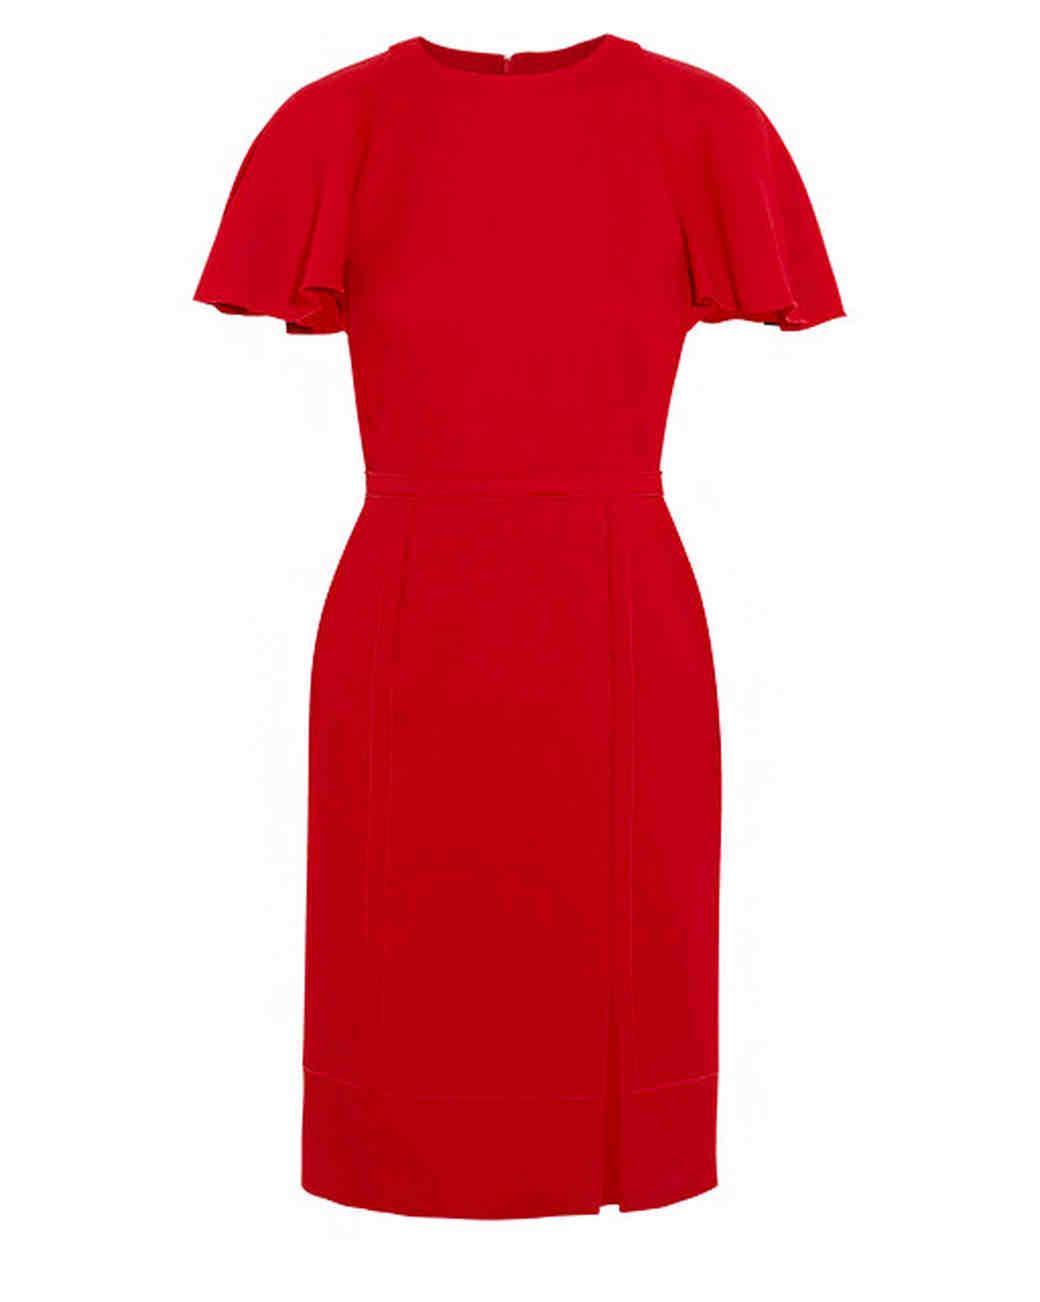 Giambattista Valli Ruffled Crepe Dress